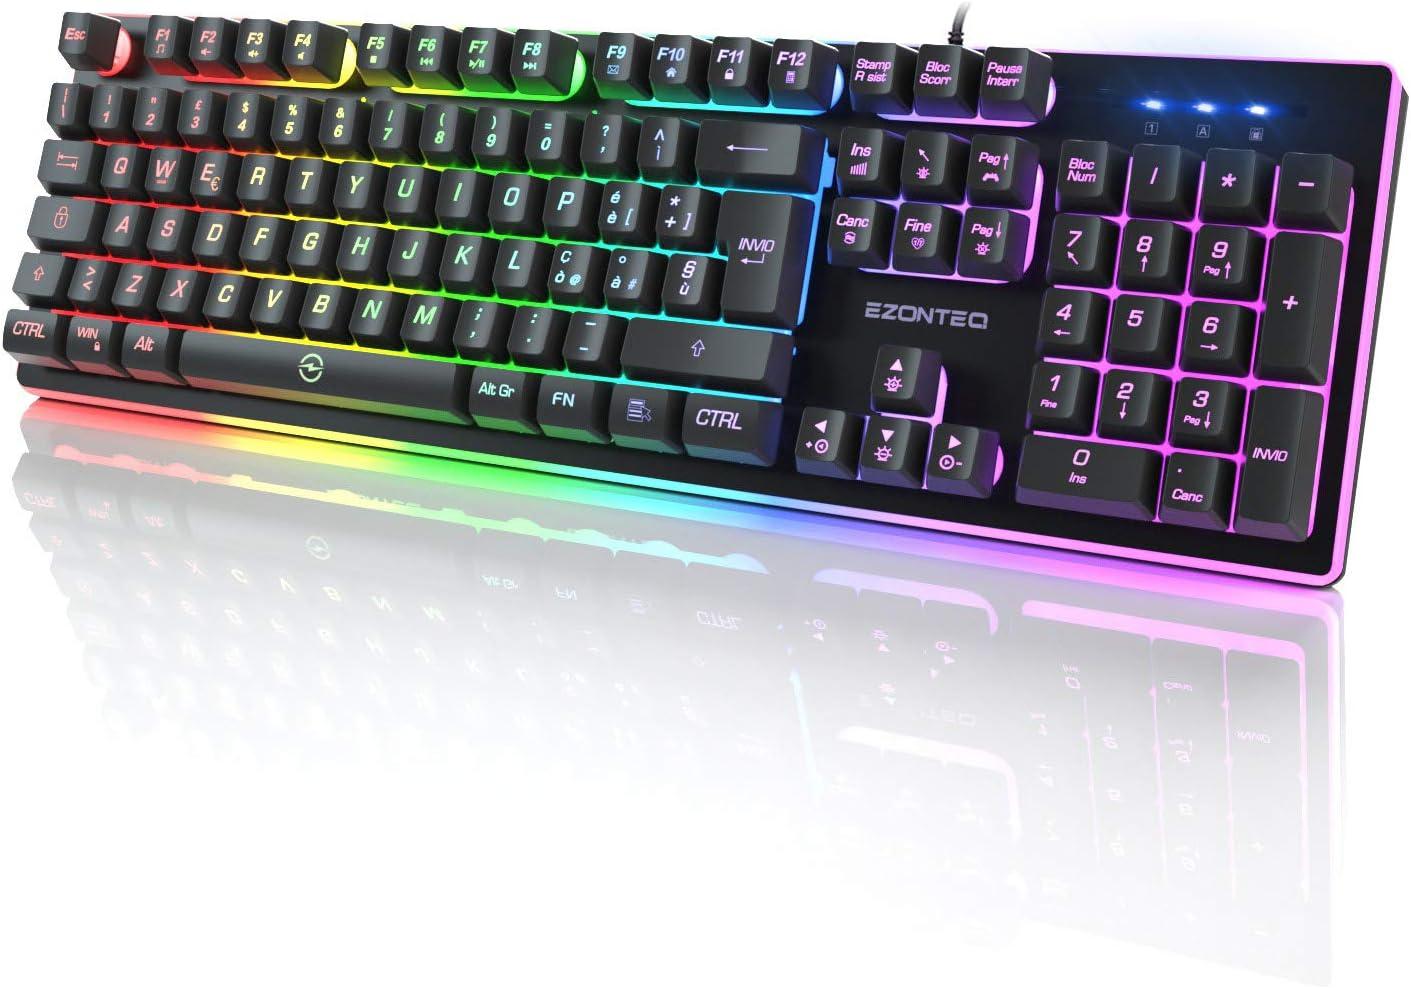 EZONTEQ Teclado Gaming PC teclado italiano Juegos RGB LED Retroiluminación USB Teclado Gaming para ordenador MacBook Laptop Layout italiano Keyboard